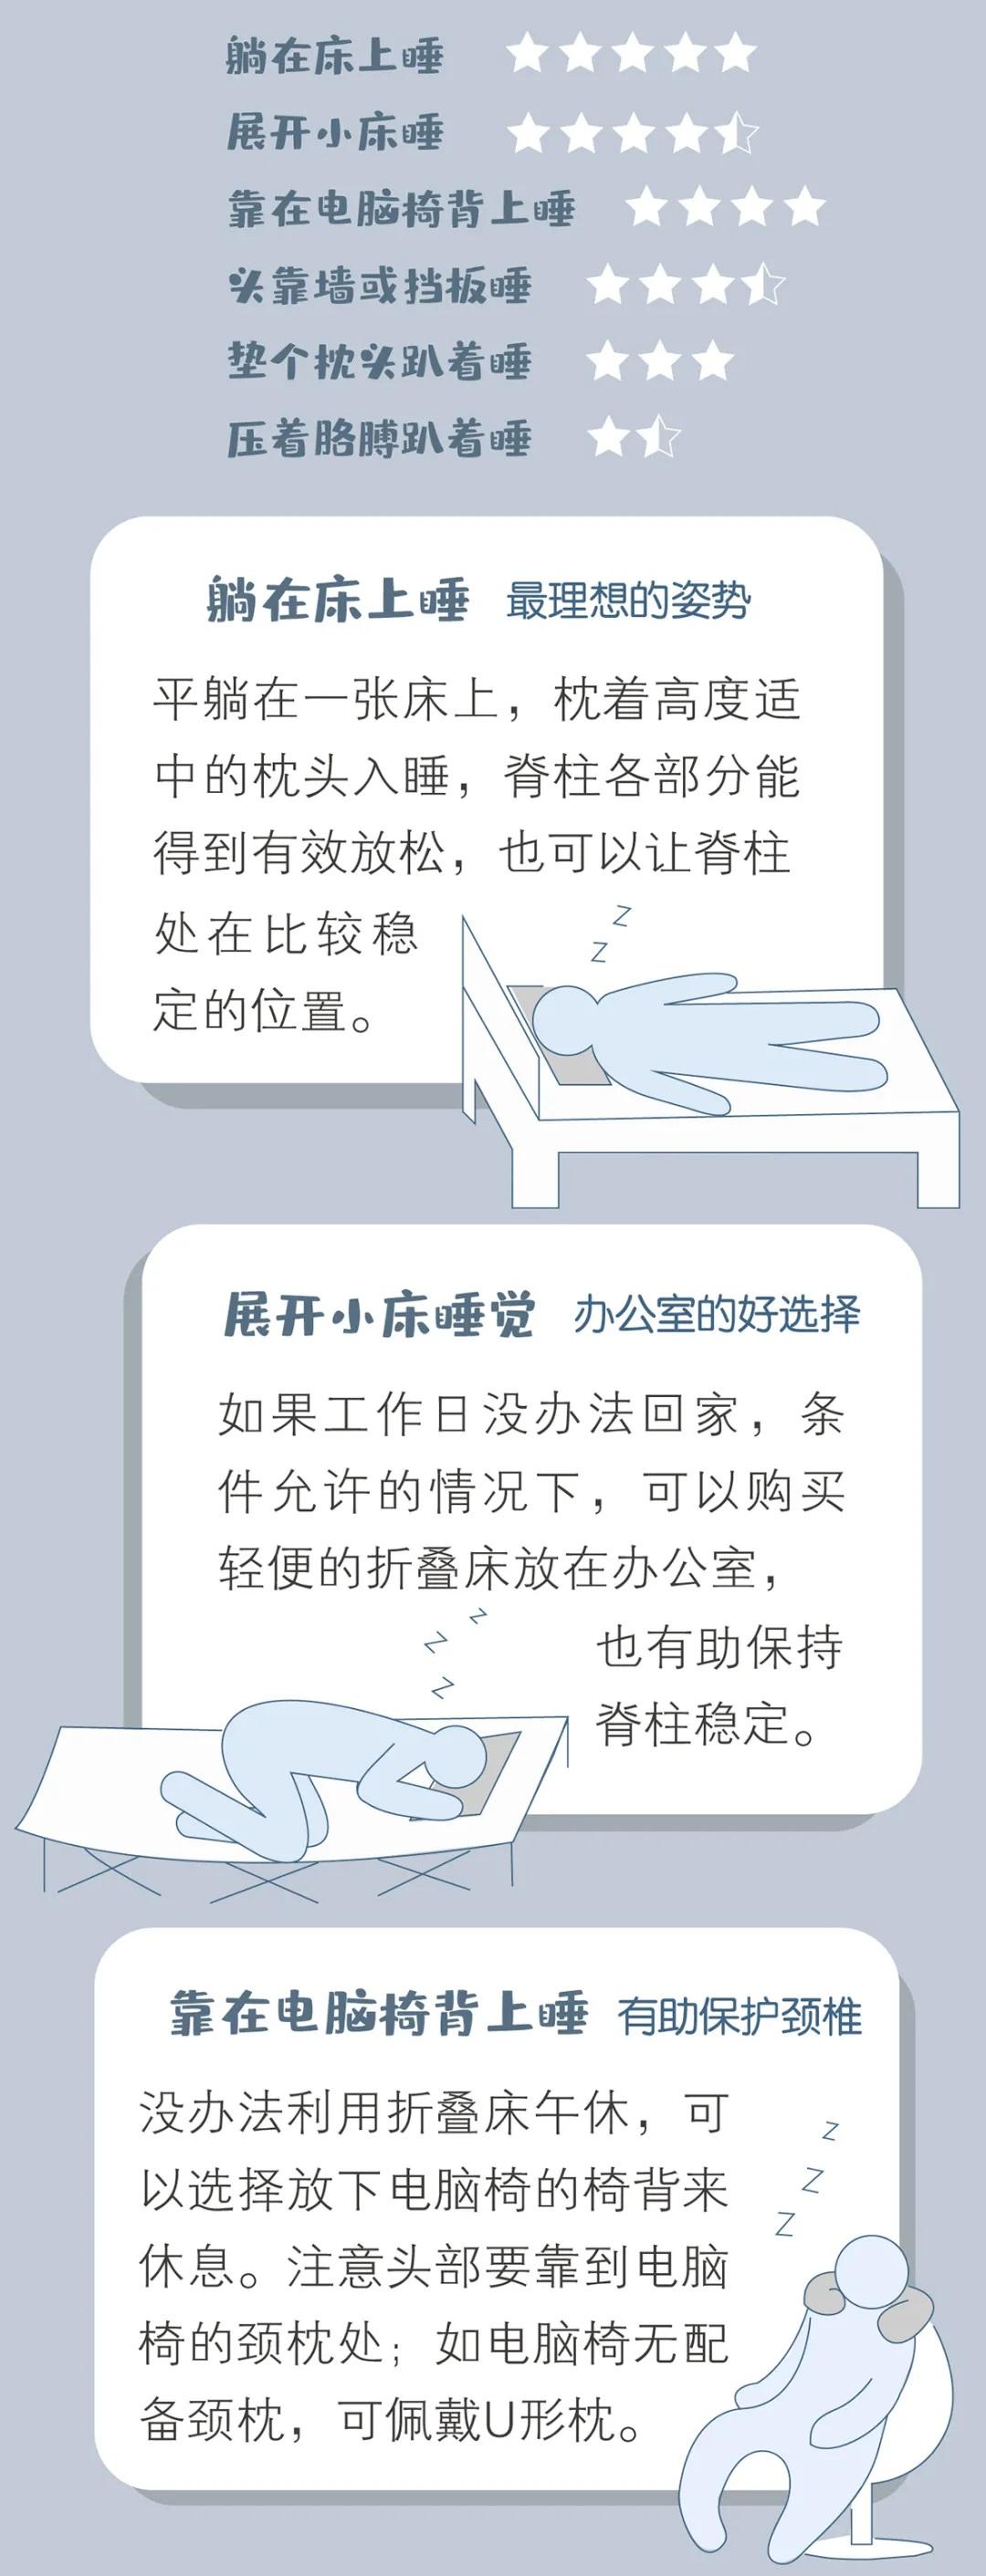 哪些午睡行为会伤害身体?